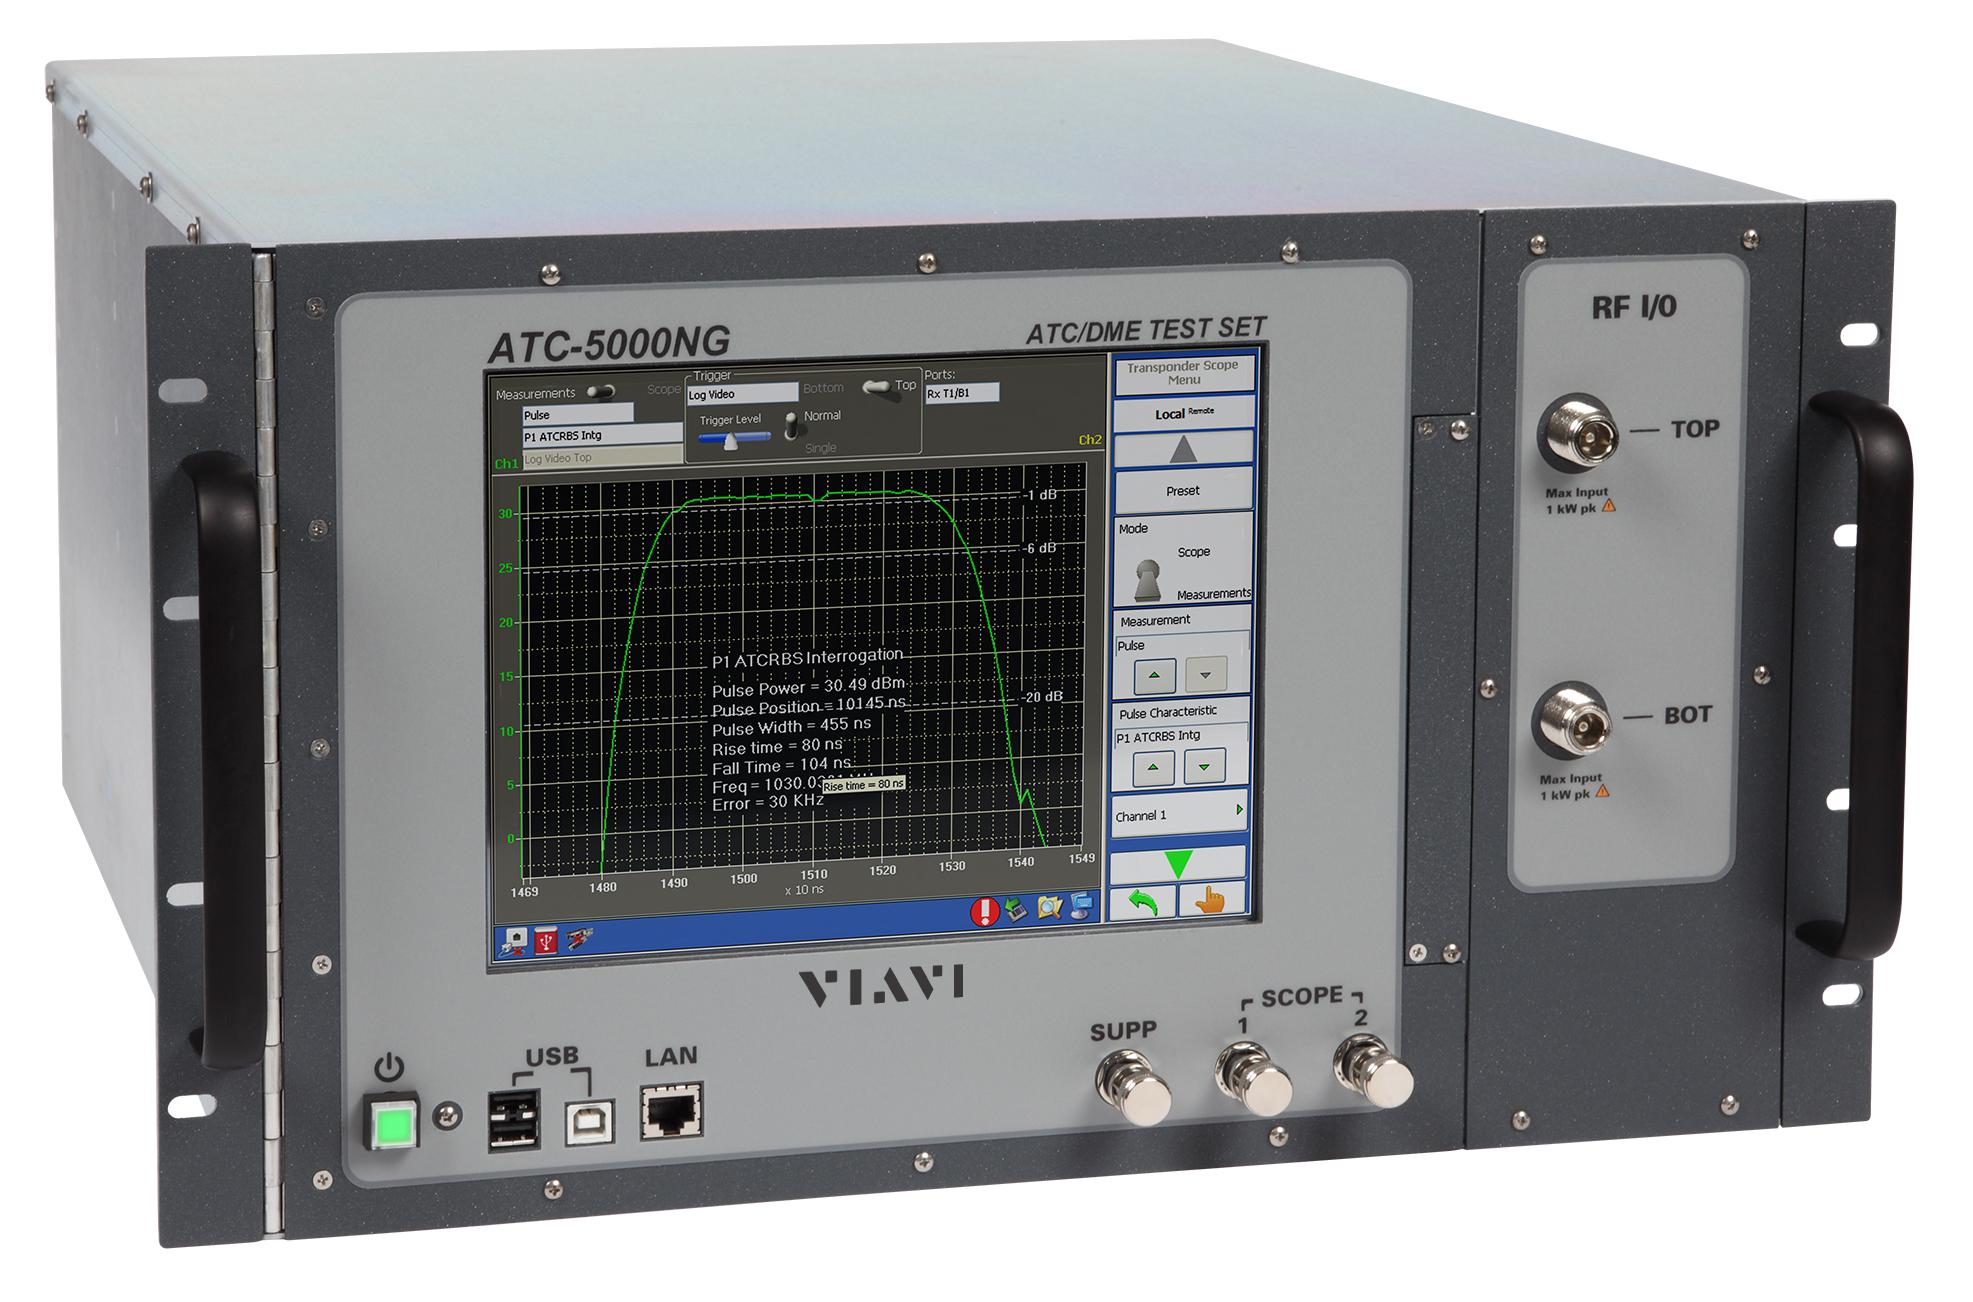 Atc 5000ng Nextgen Transponder Dme Test Set And Ads B